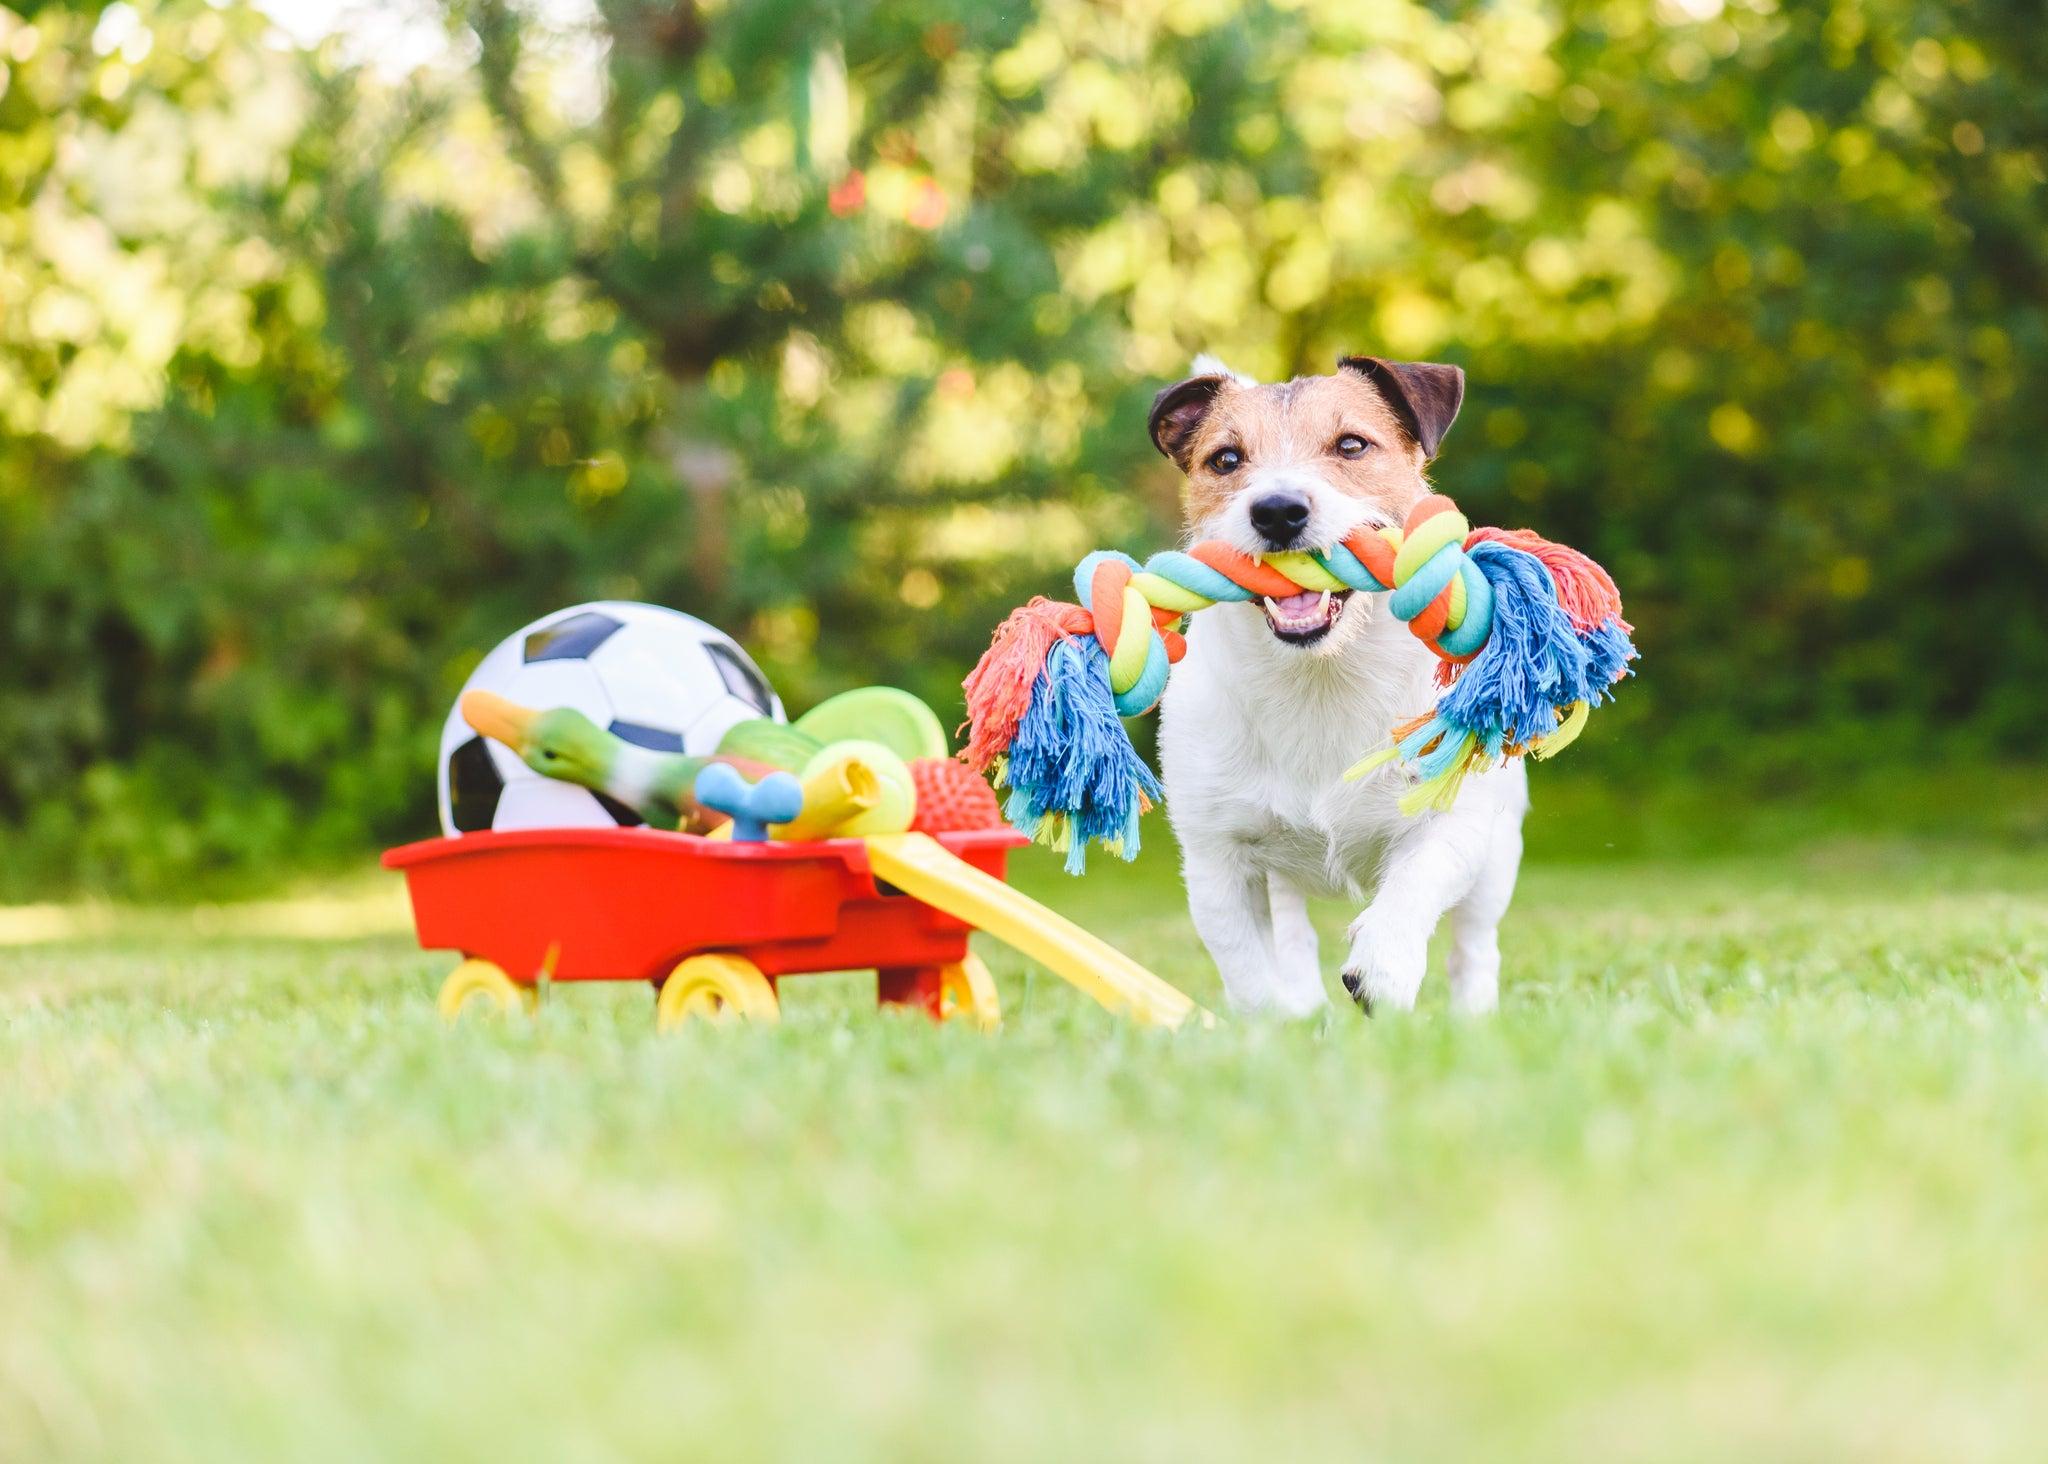 Les loisirs actifs avec son chien : jeu et apprentissage